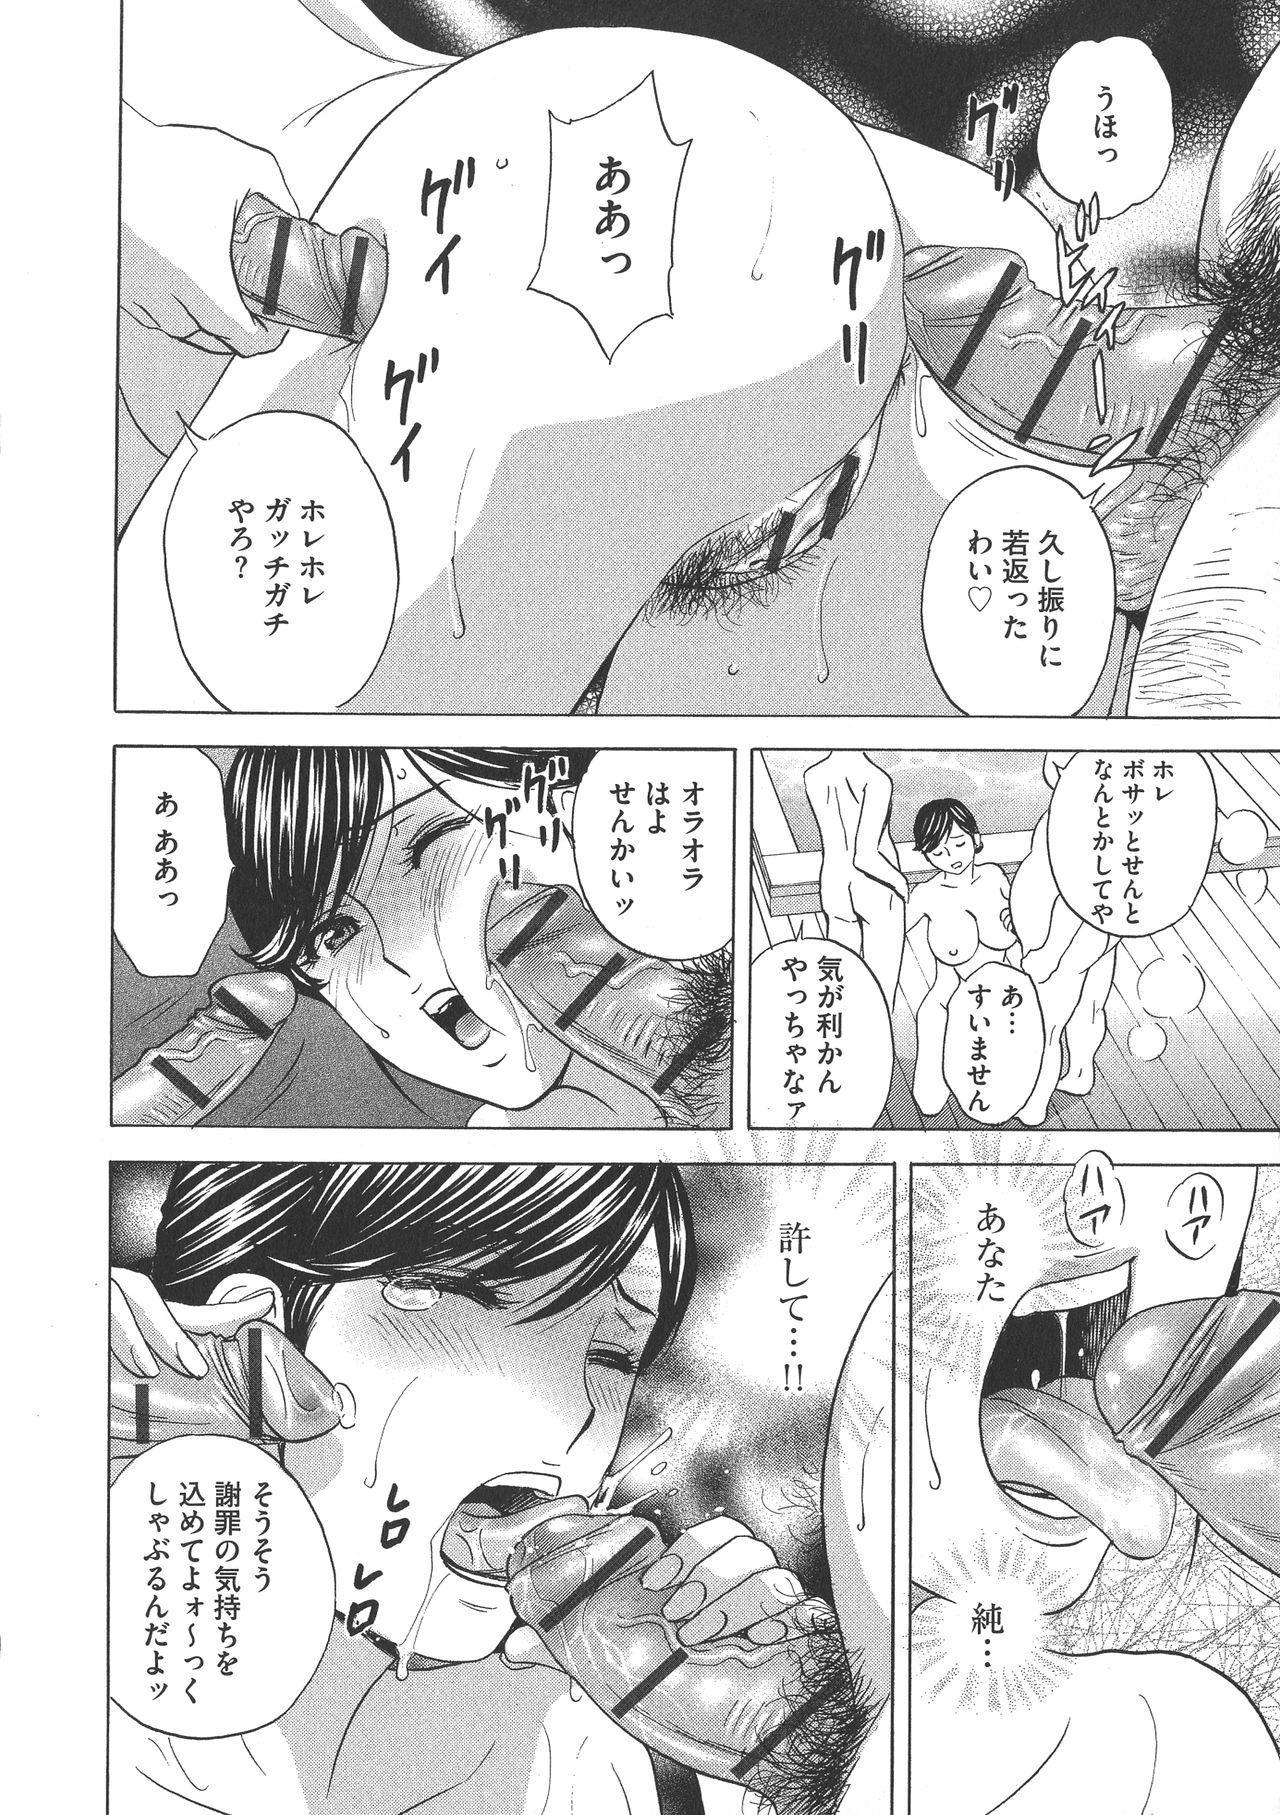 Chijoku ni Modaeru Haha no Chichi… 11